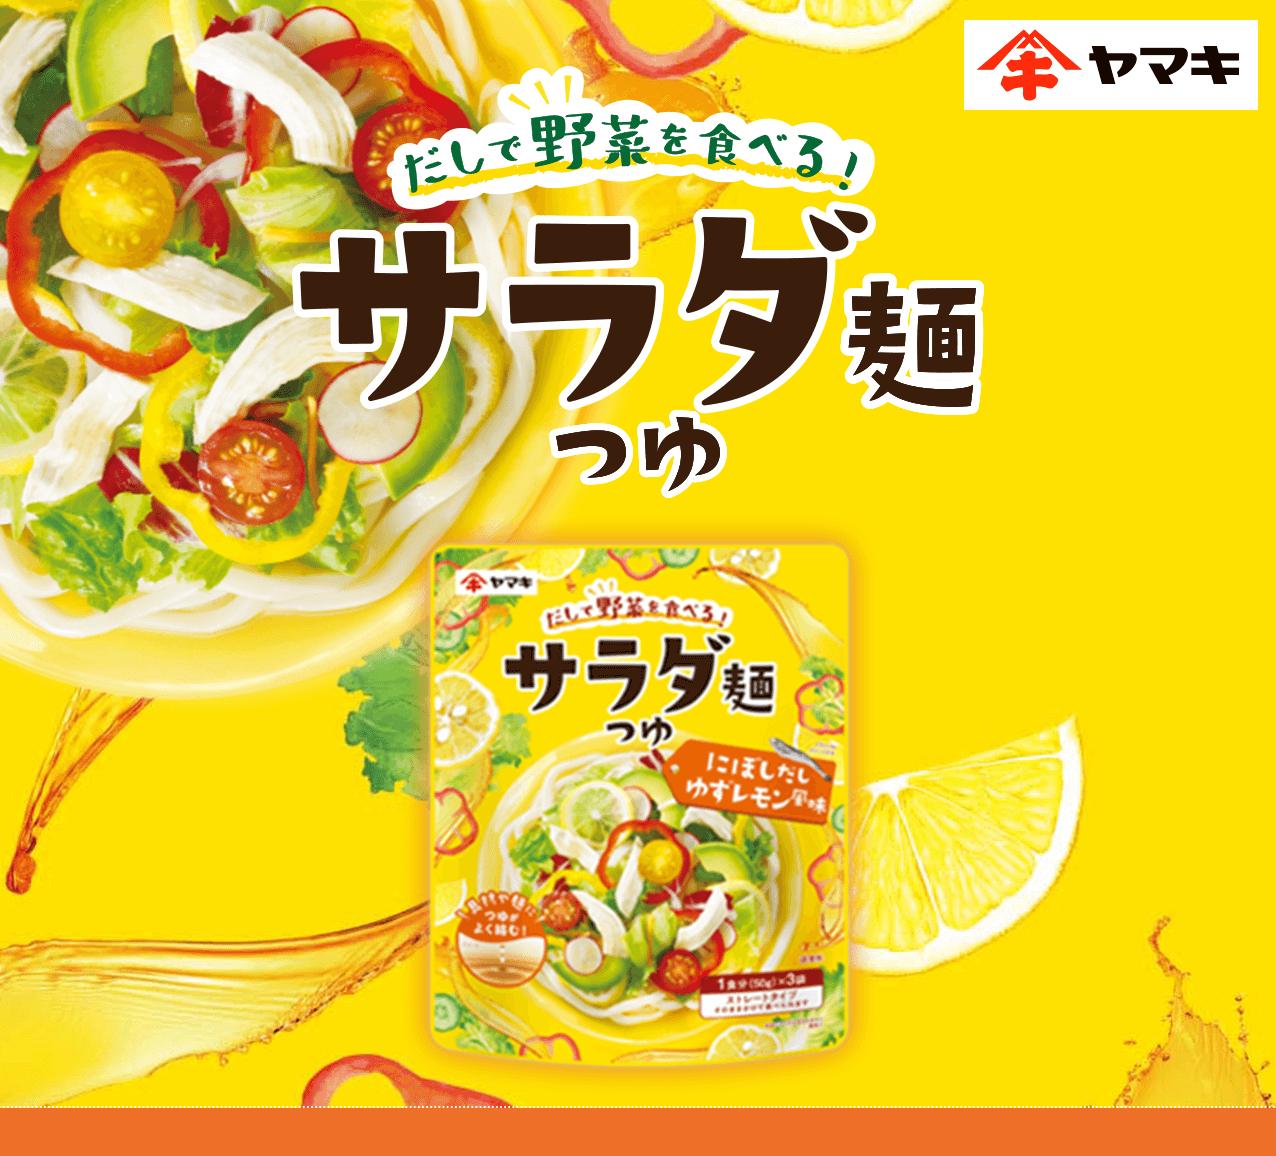 だしで野菜を食べる!サラダ麺つゆ